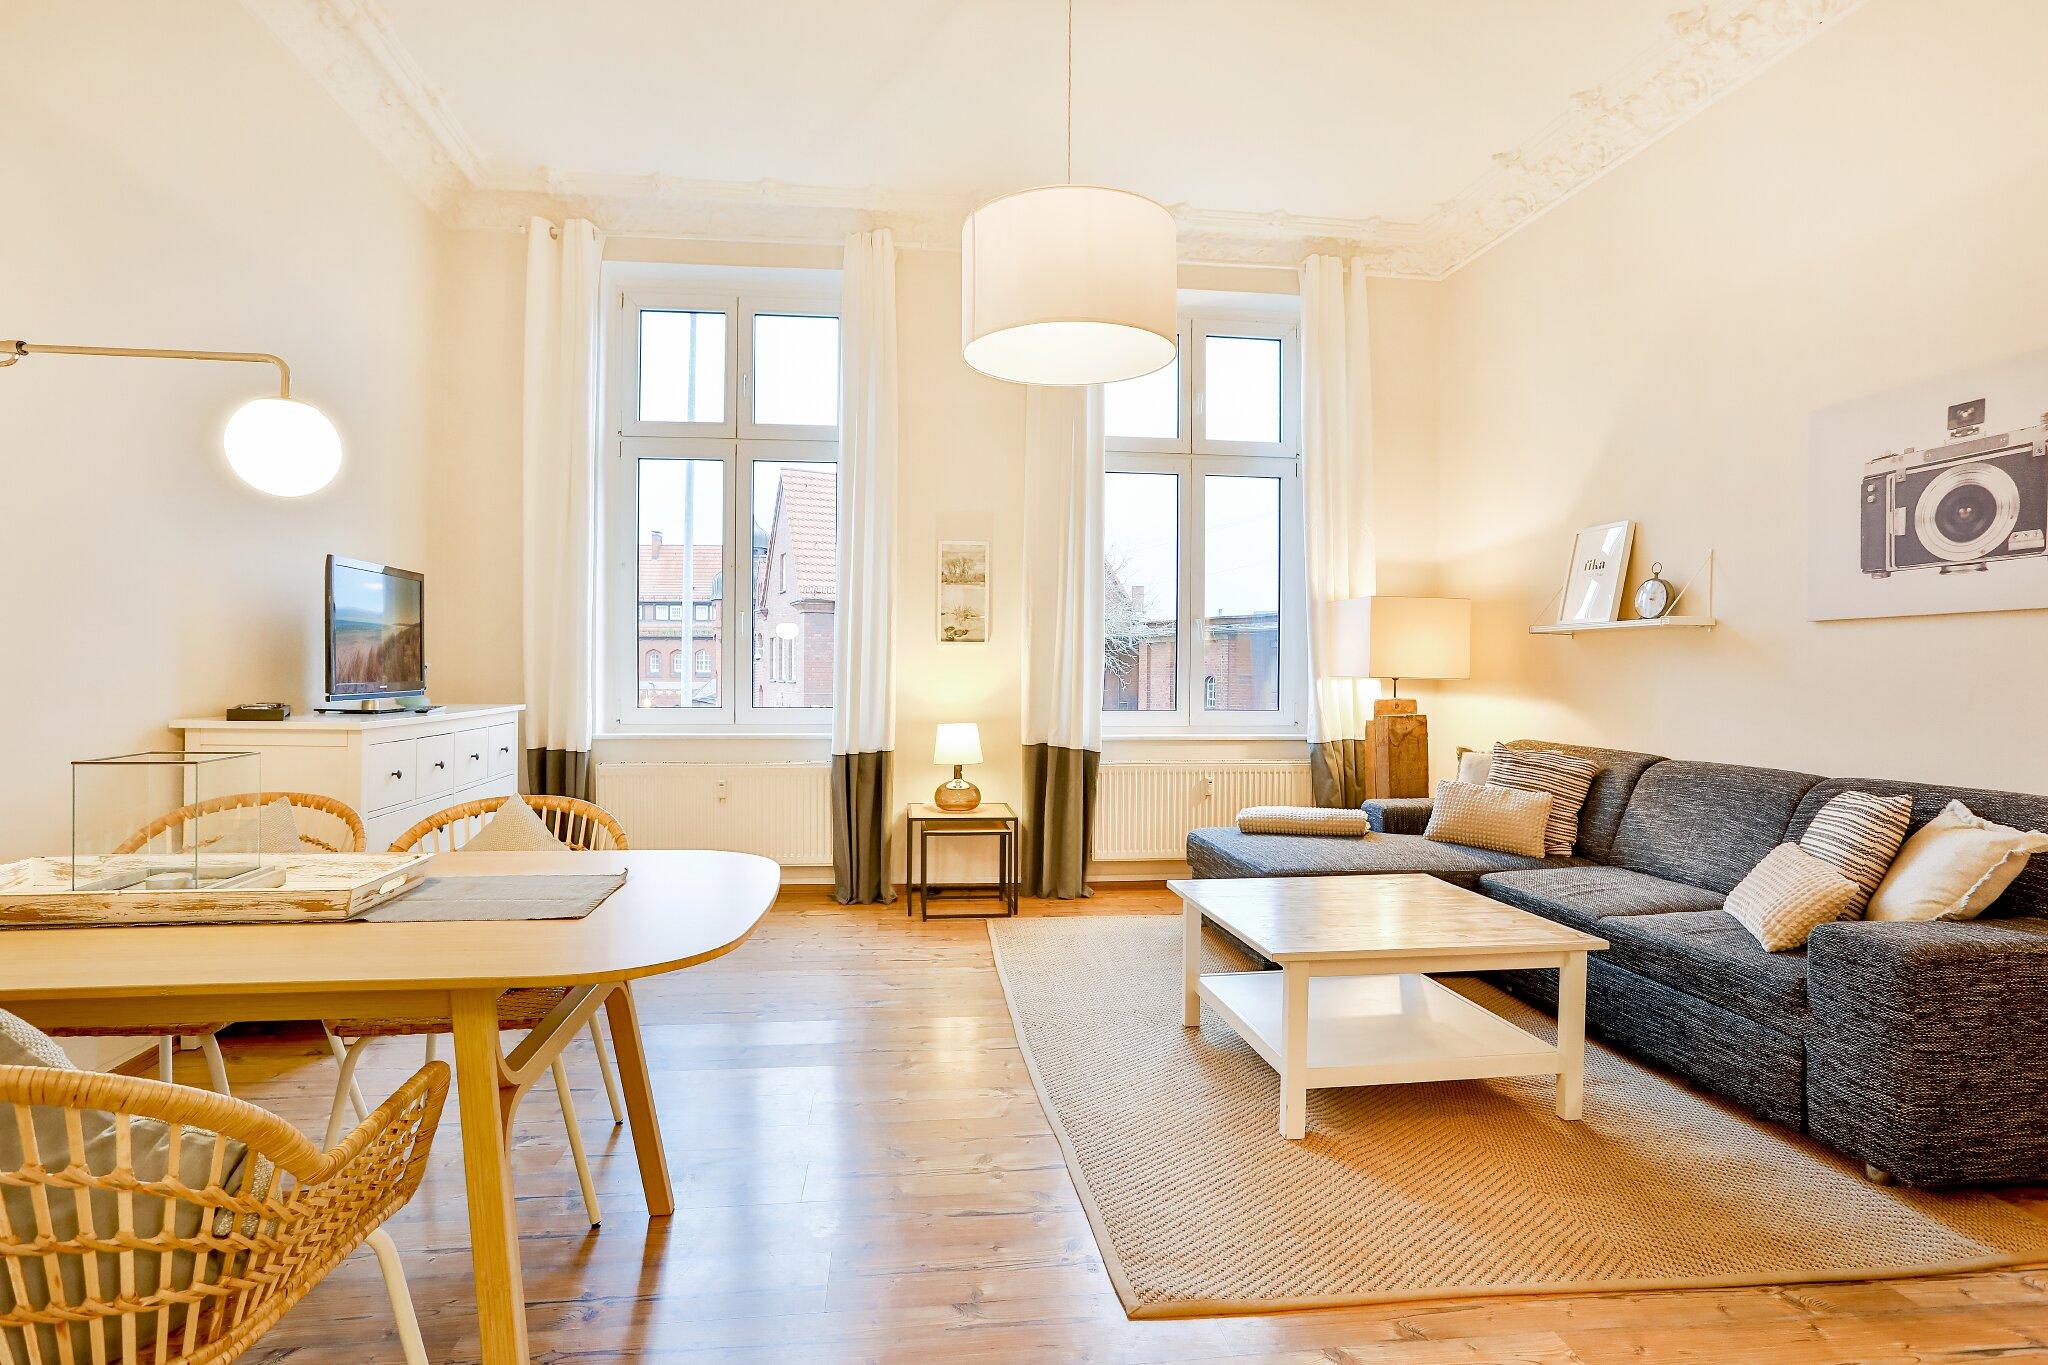 Wohnbereich mit Schlafcouch und Stuck